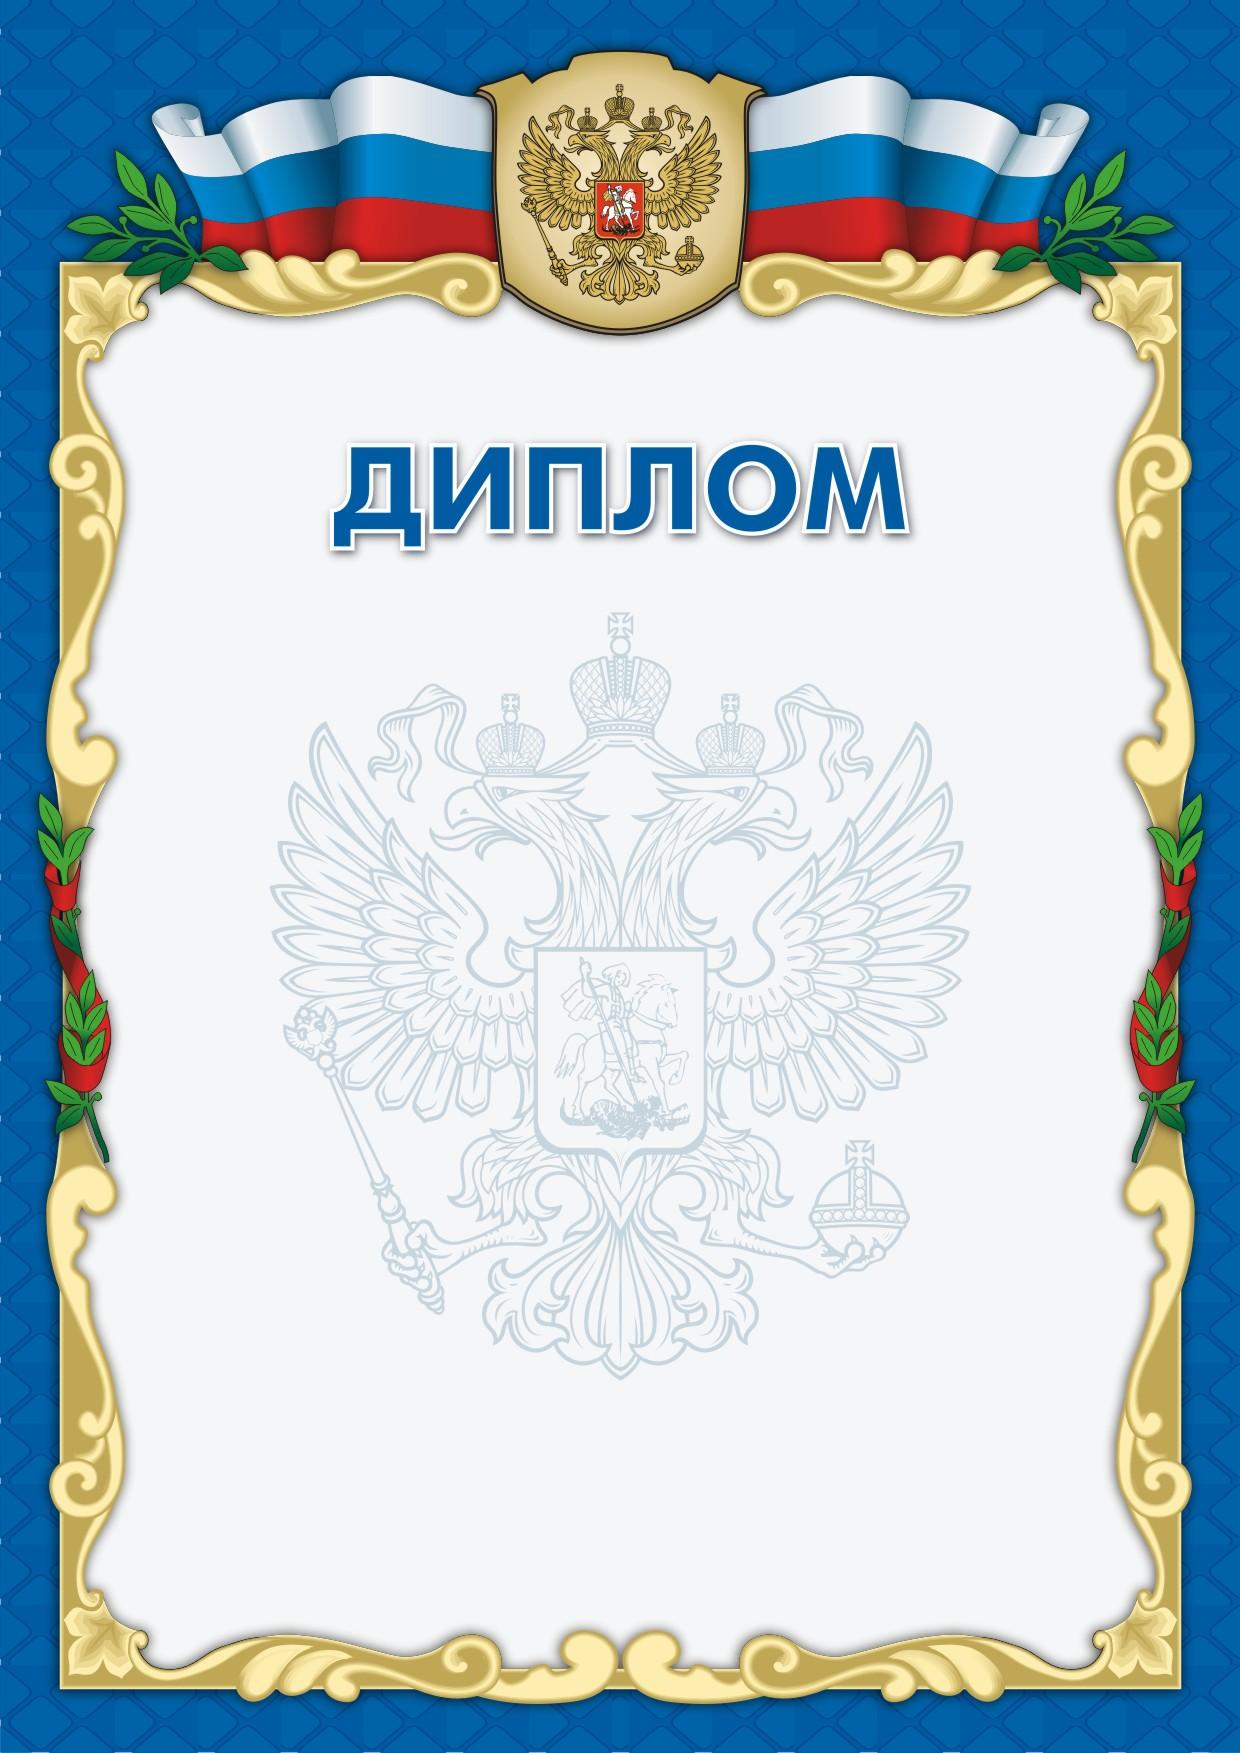 образец диплома строителя